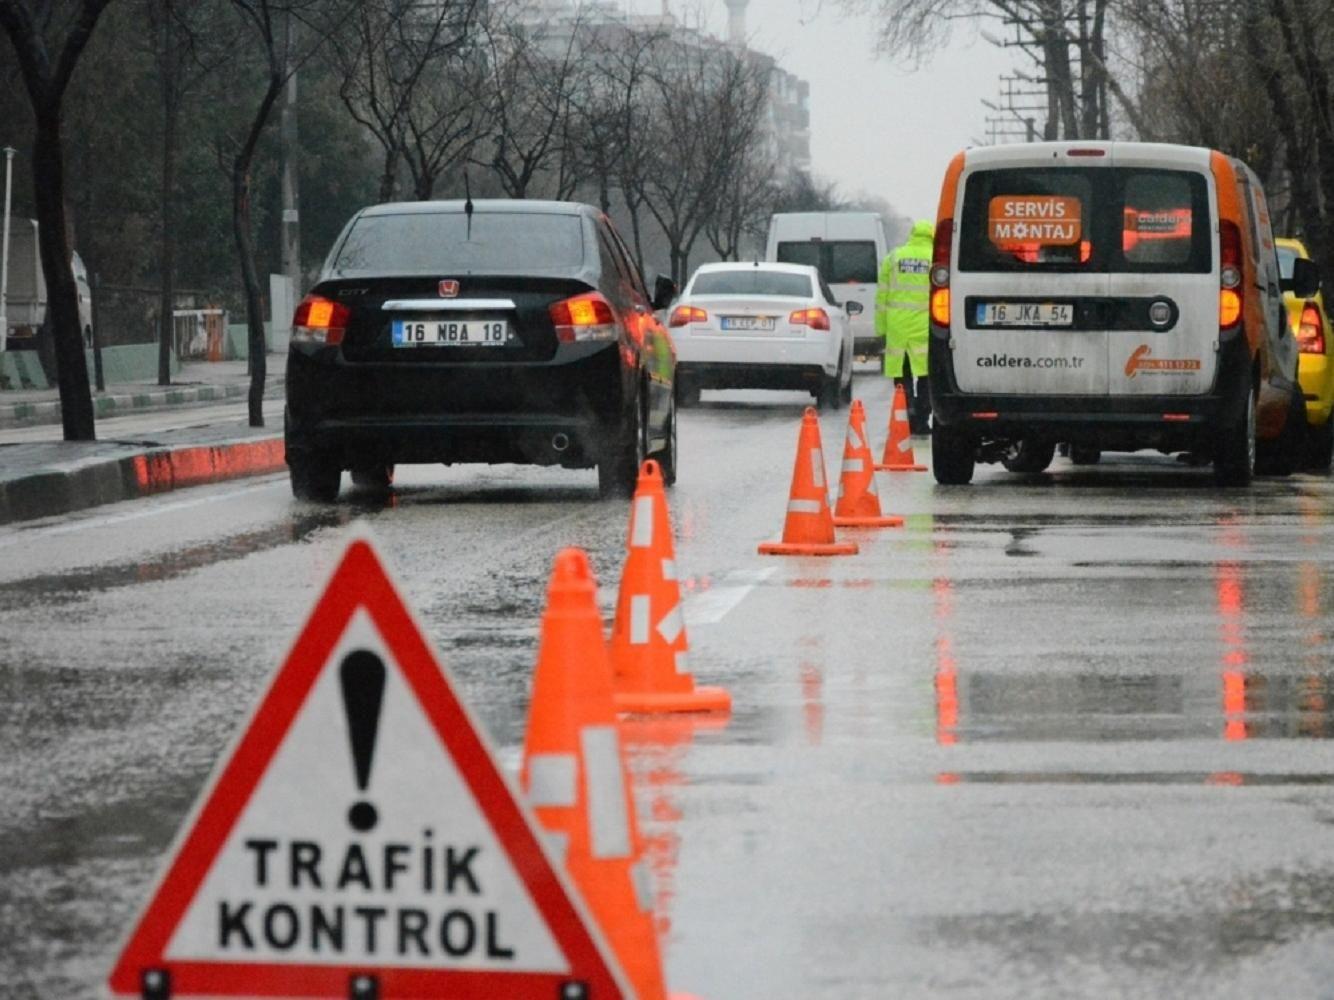 trafik-kontrolu-kis-lastigi-1.jpg